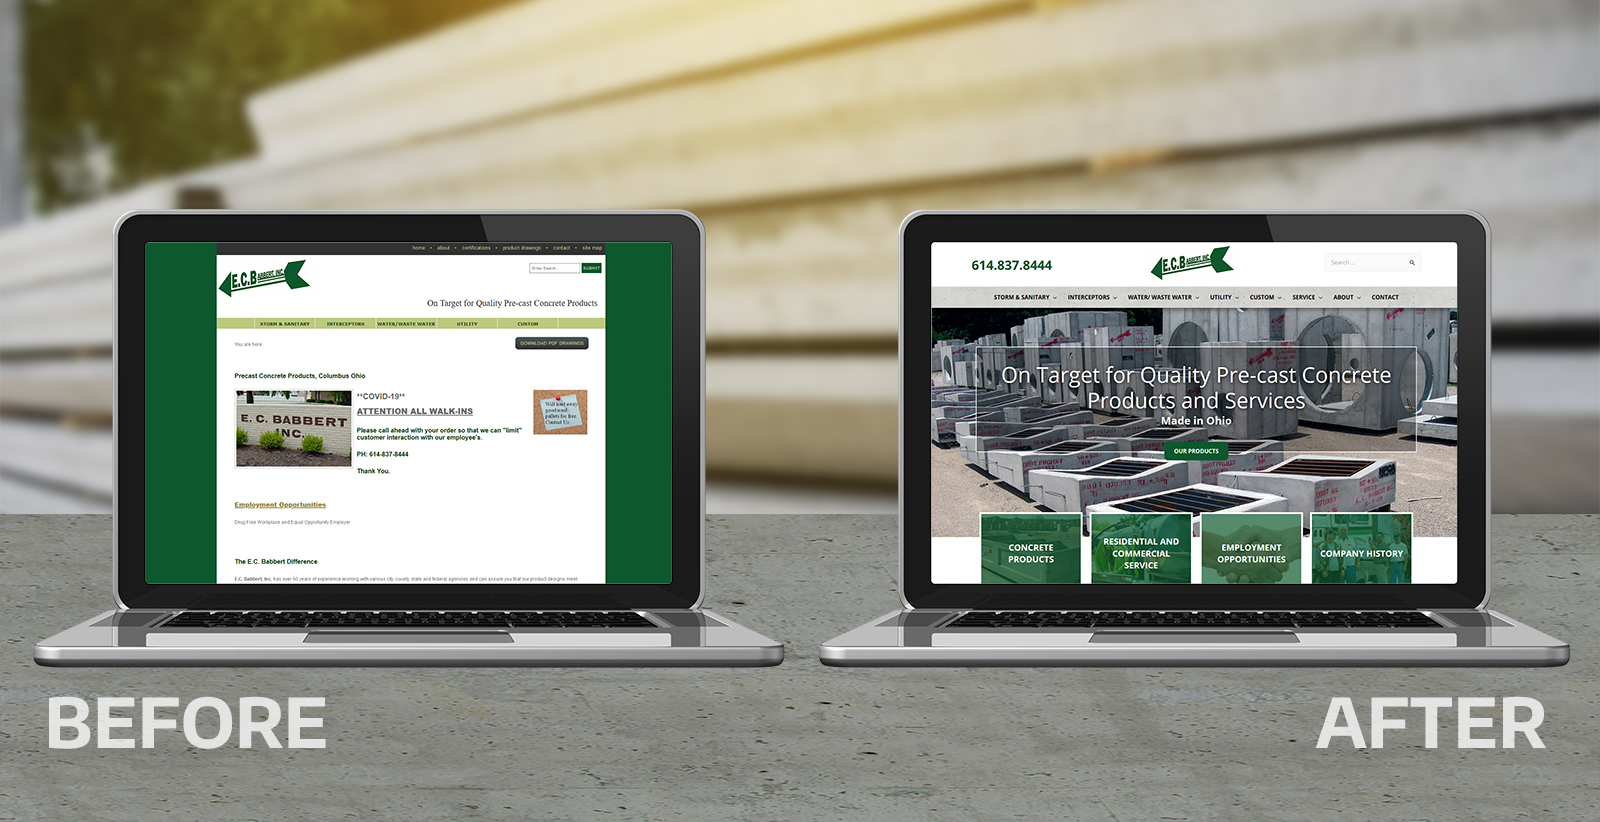 EC Babbert Inc new website design by Robintek before and after